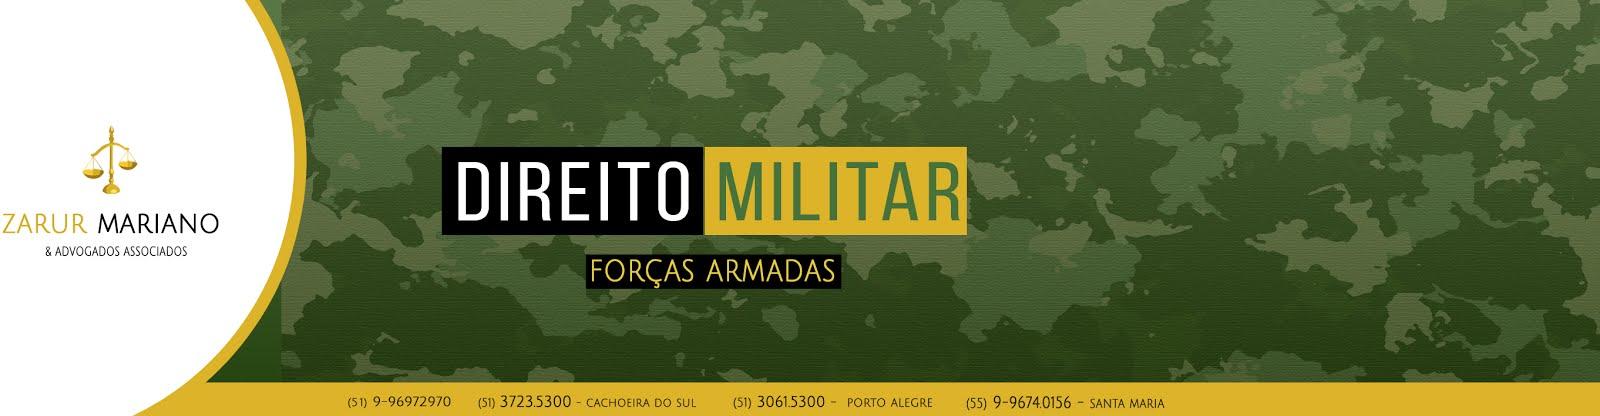 DIREITO MILITAR - Forças Armadas